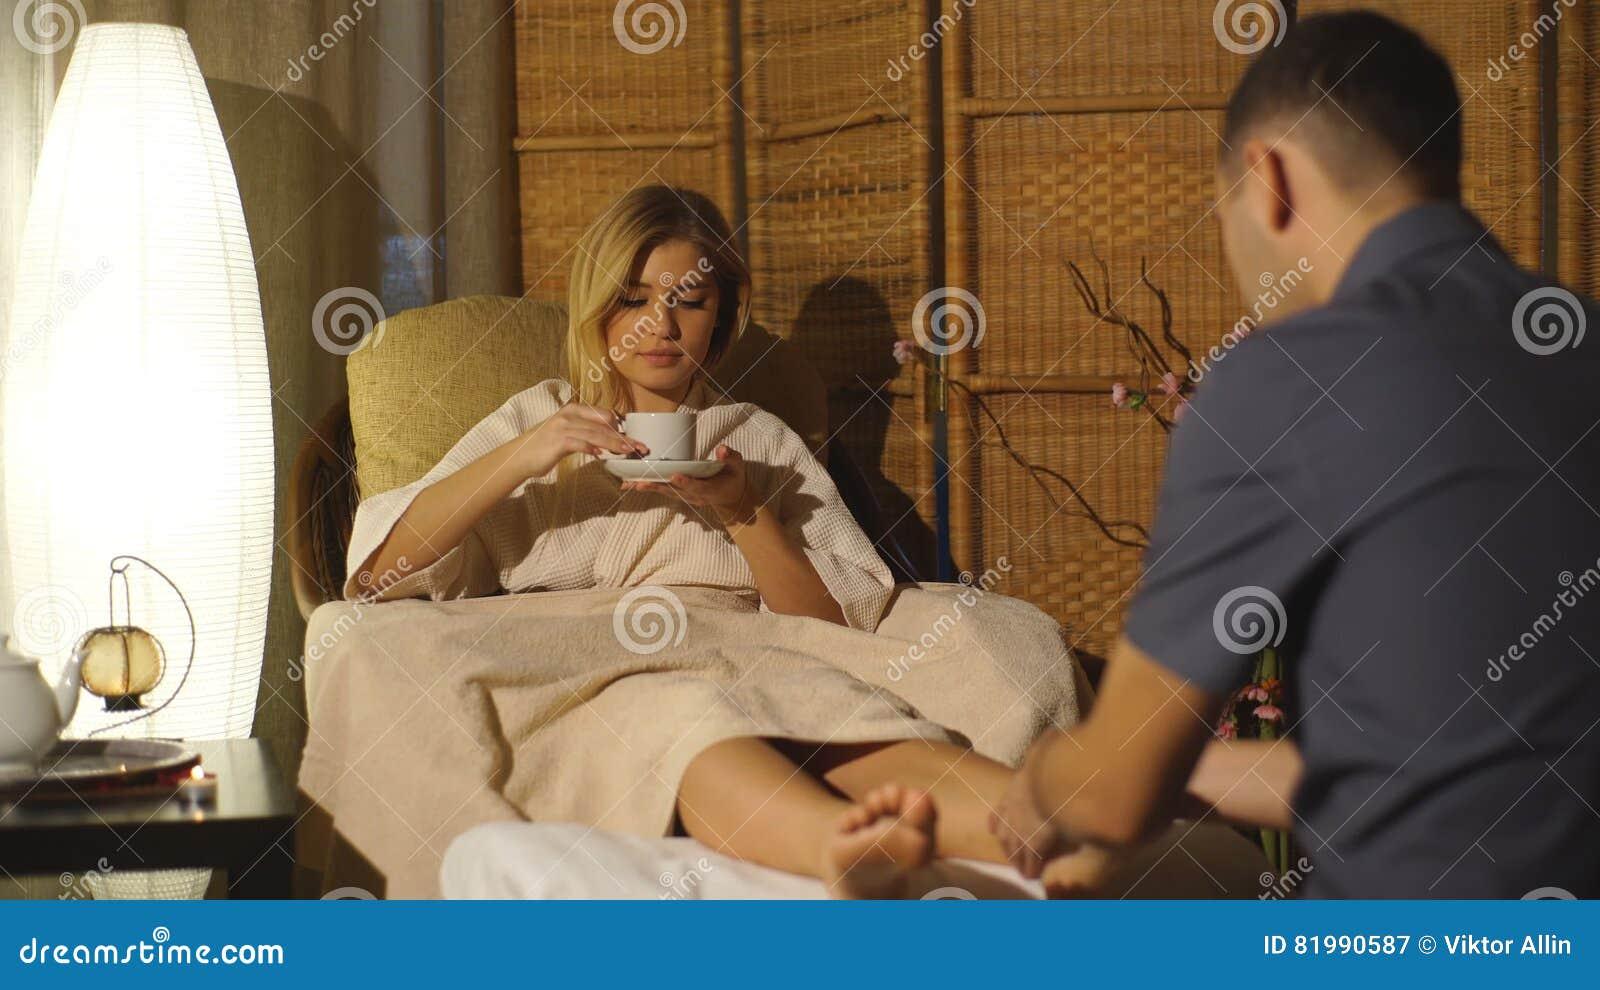 Русское молодая блондинка делает массаж красивой негритоской онлайн